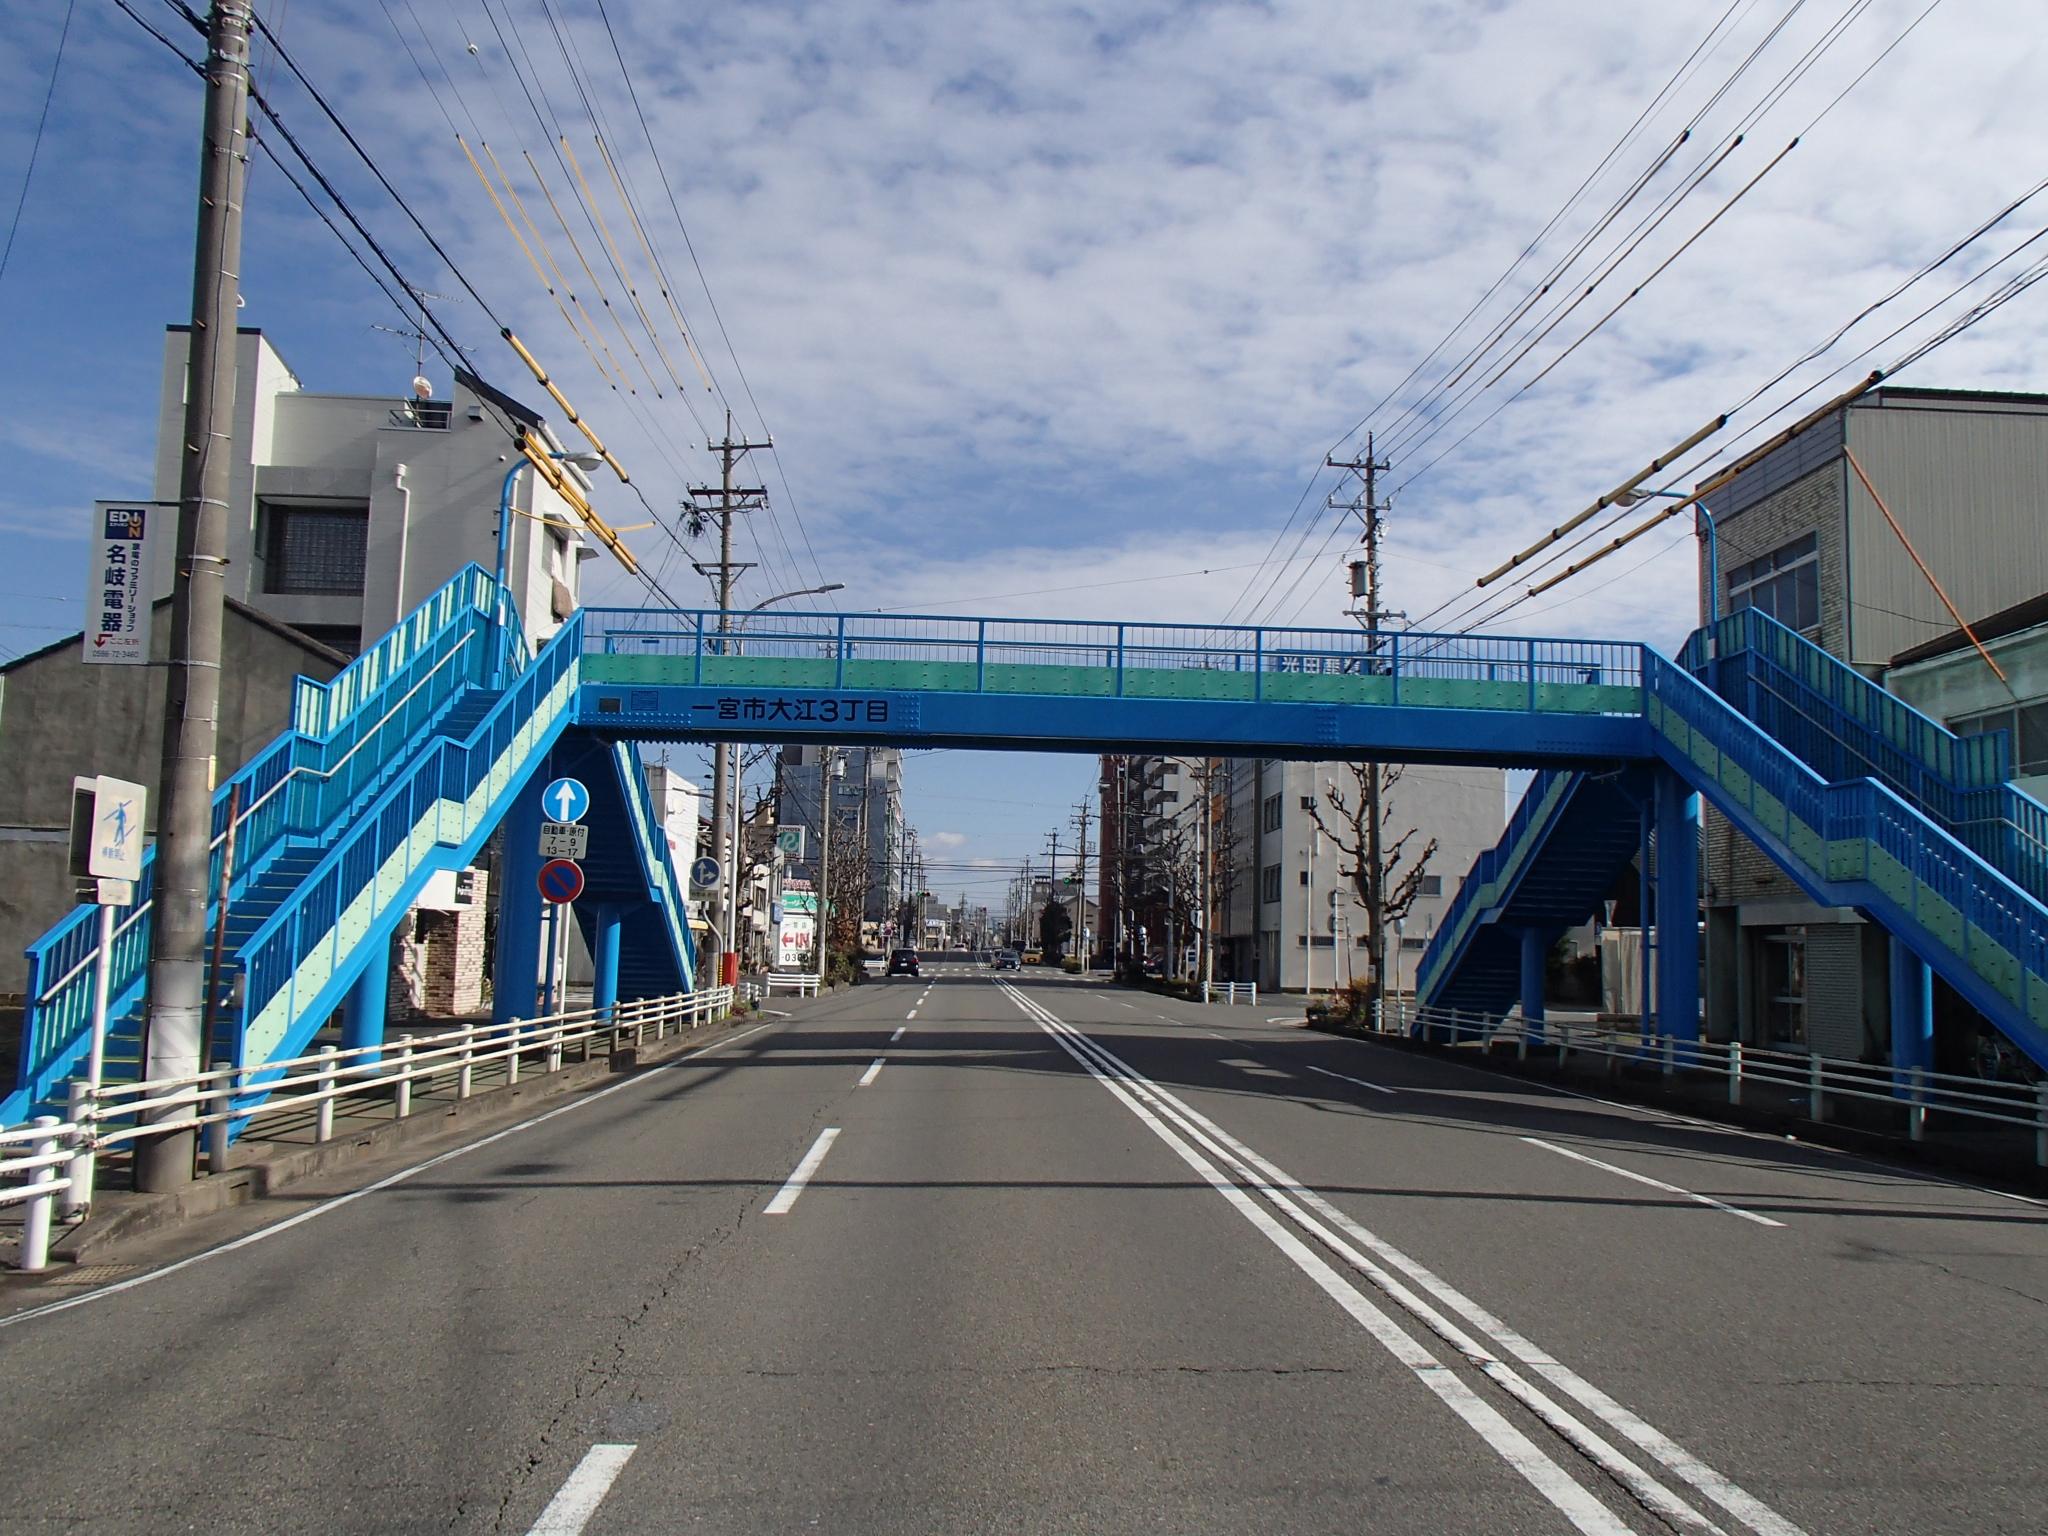 大志横断歩道橋(愛知県)